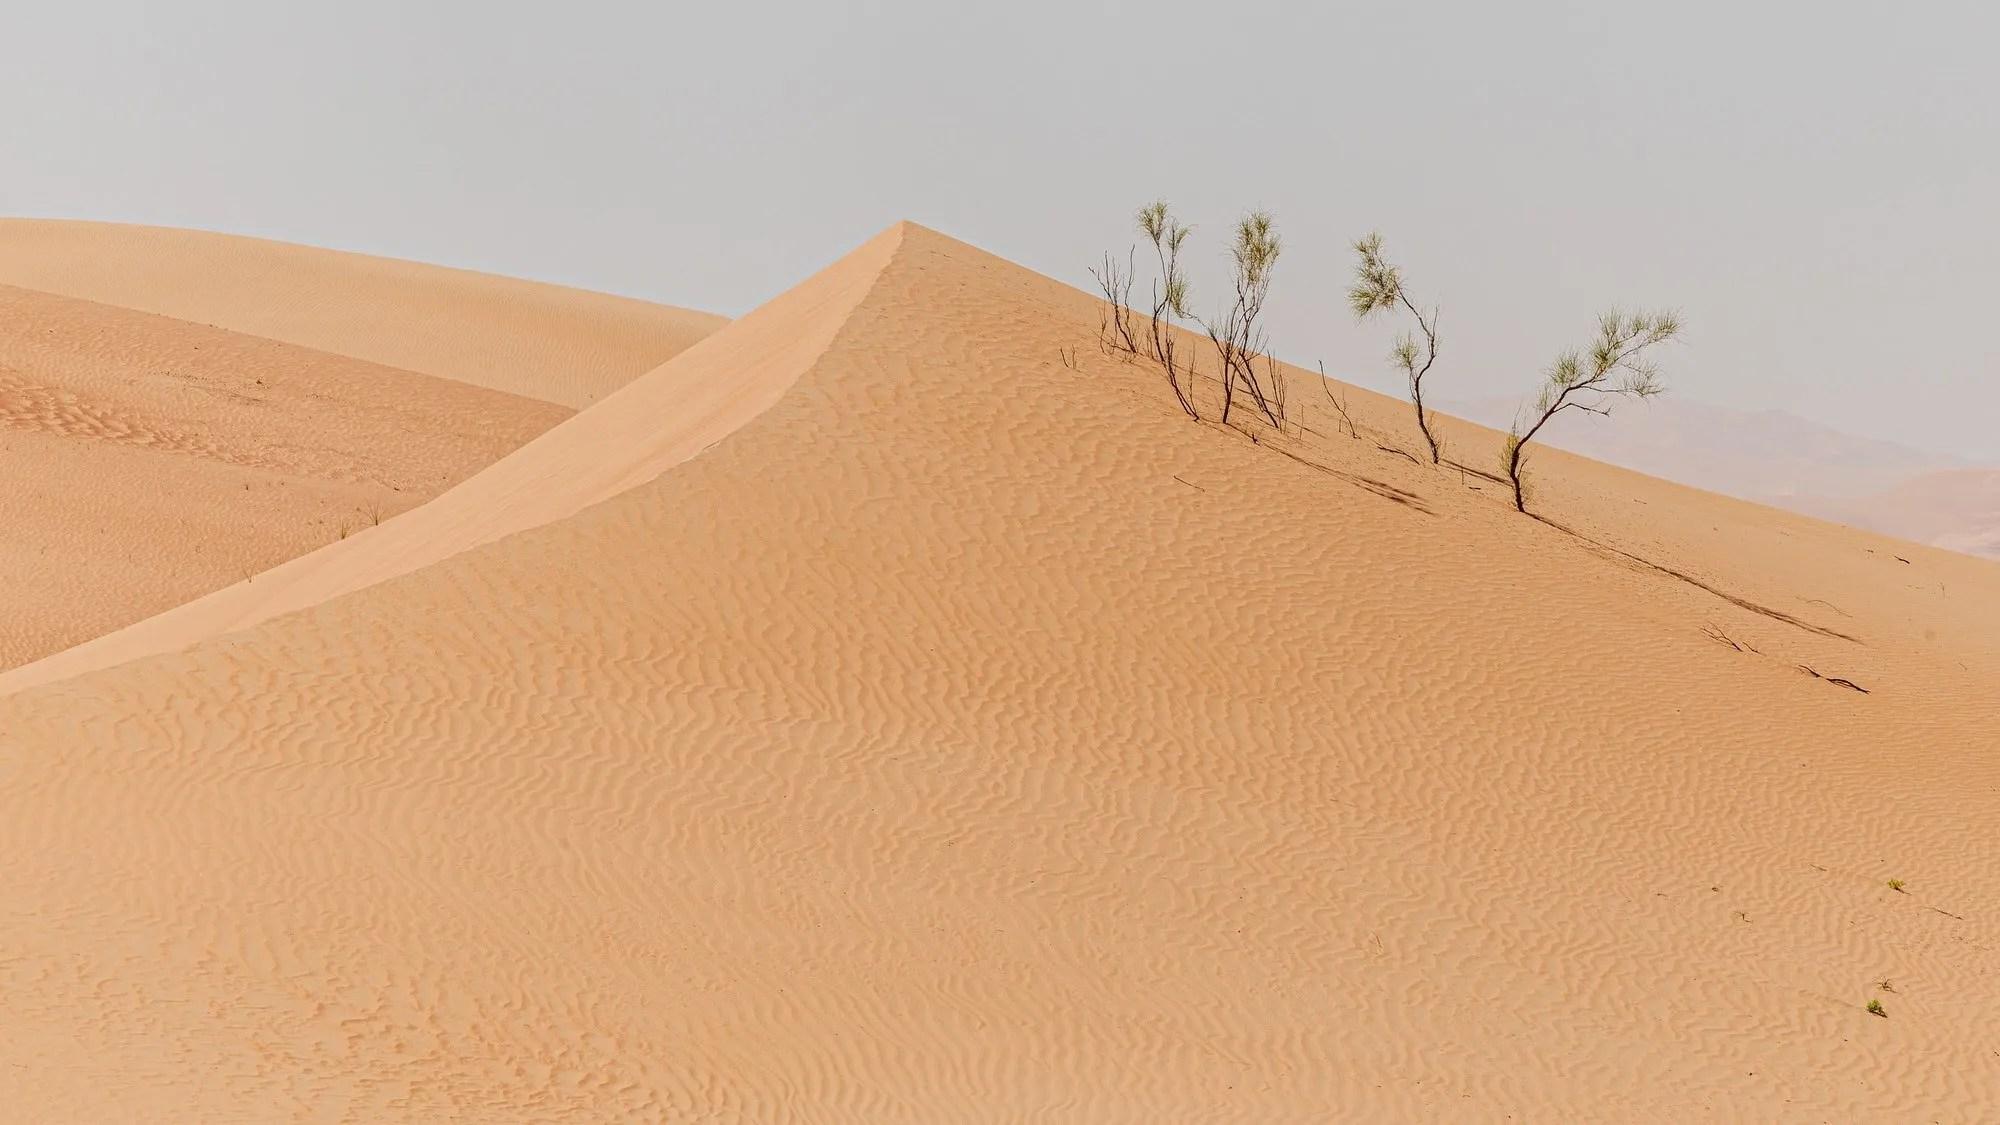 Sundown in desert. Desert background.